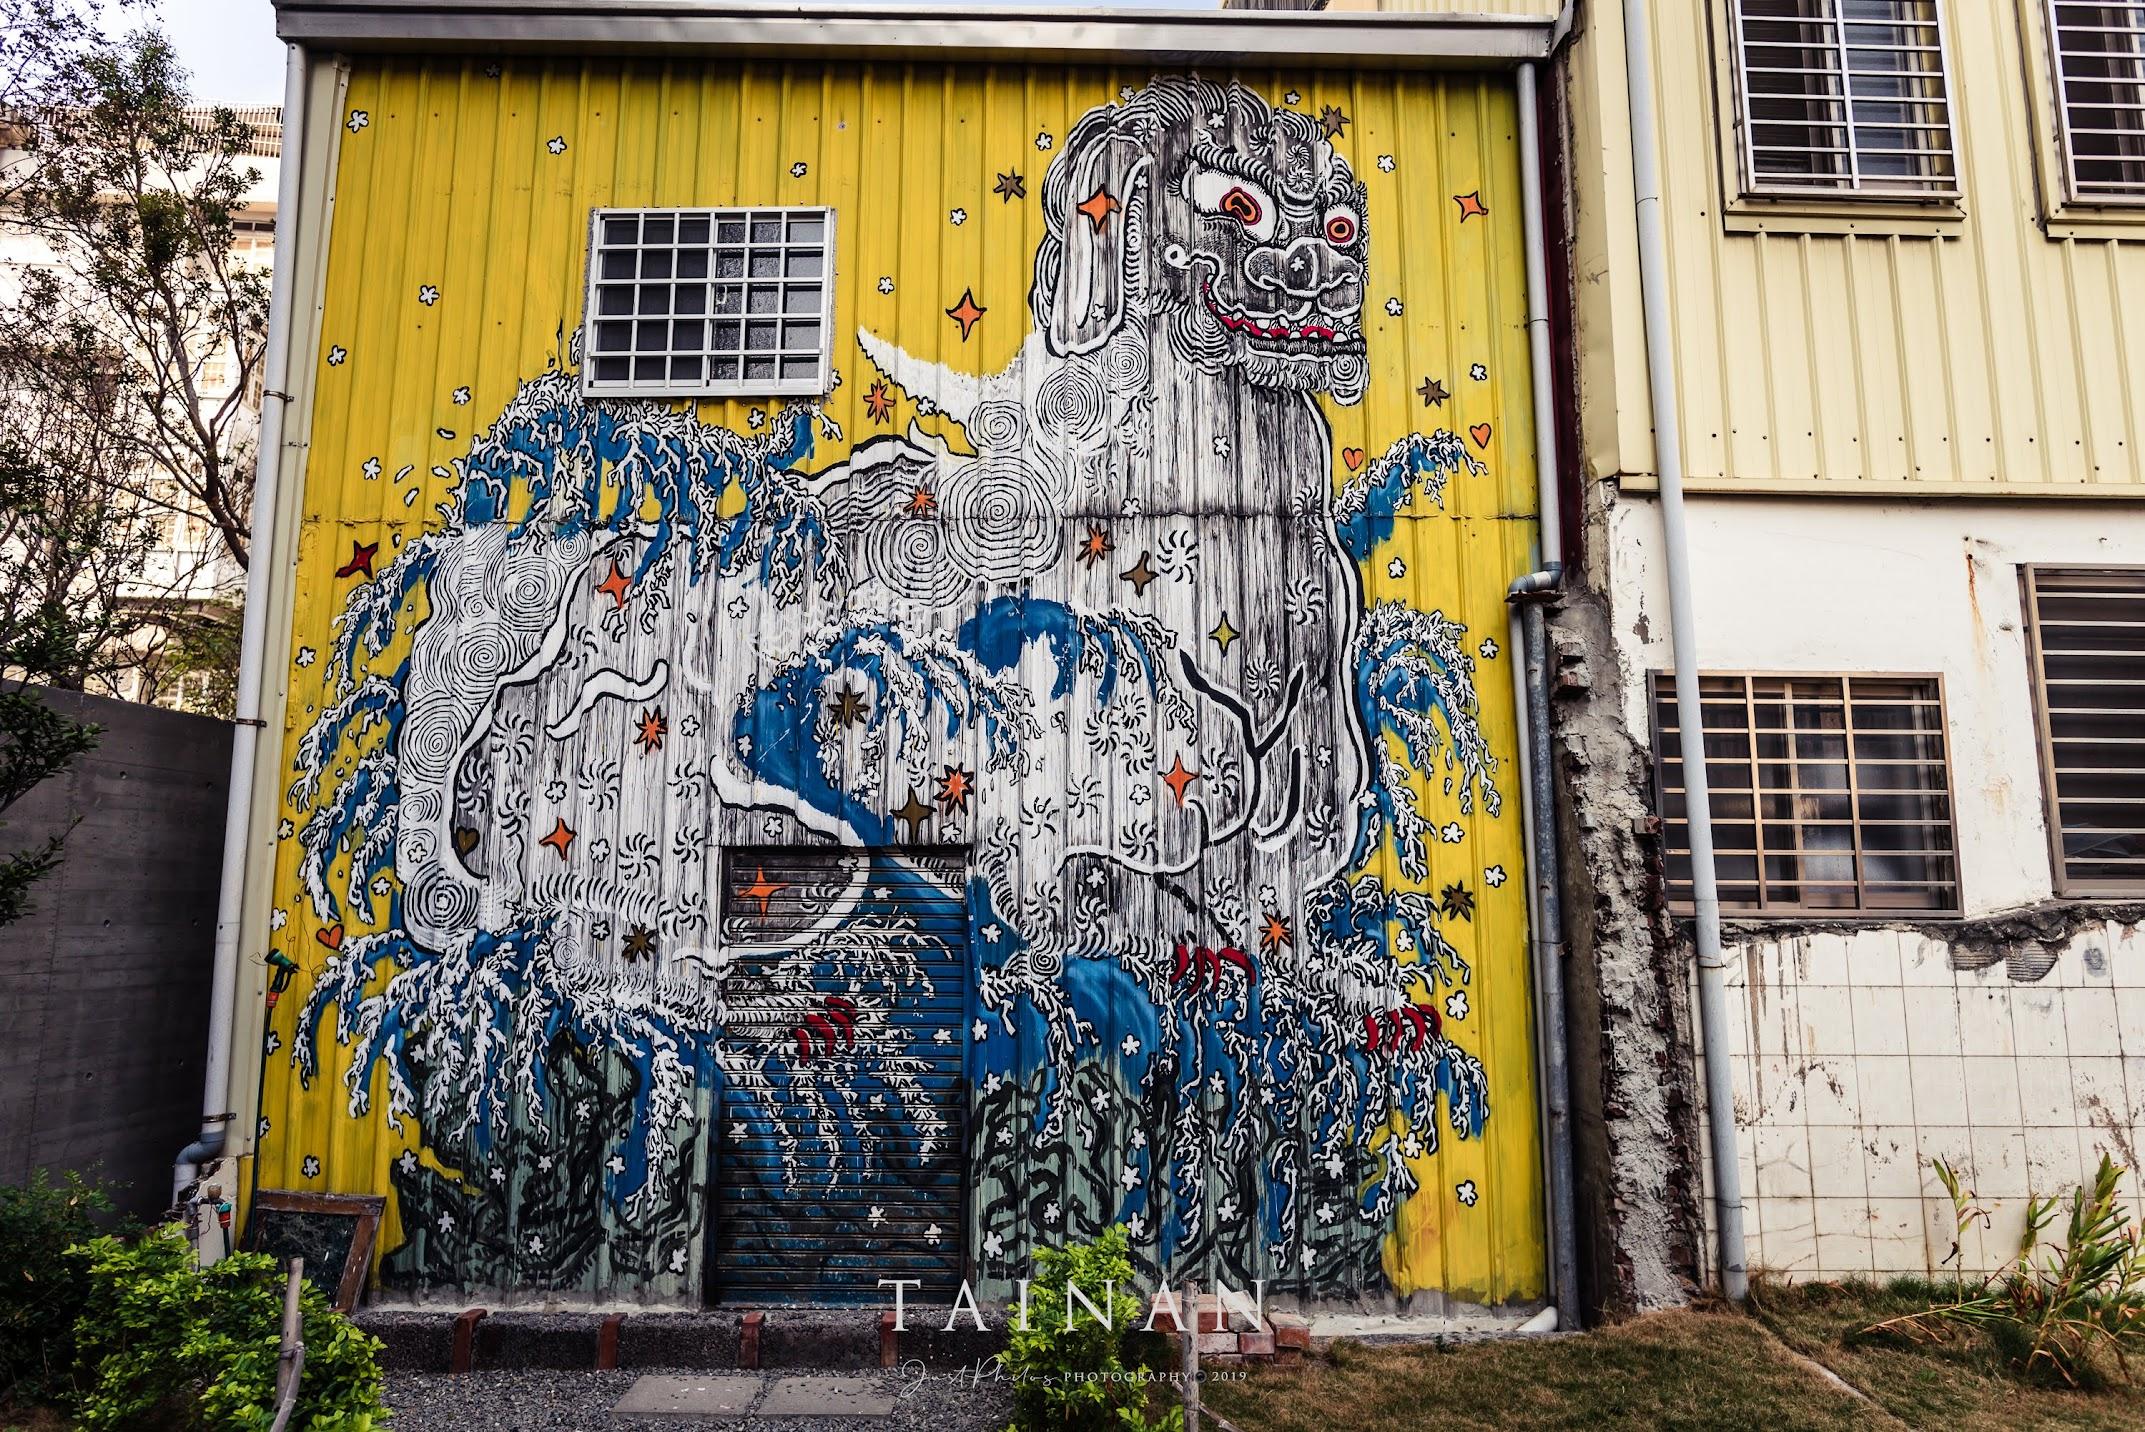 藍晒圖文創園區隨處可見大片的塗鴉牆面,非常具有震撼力。